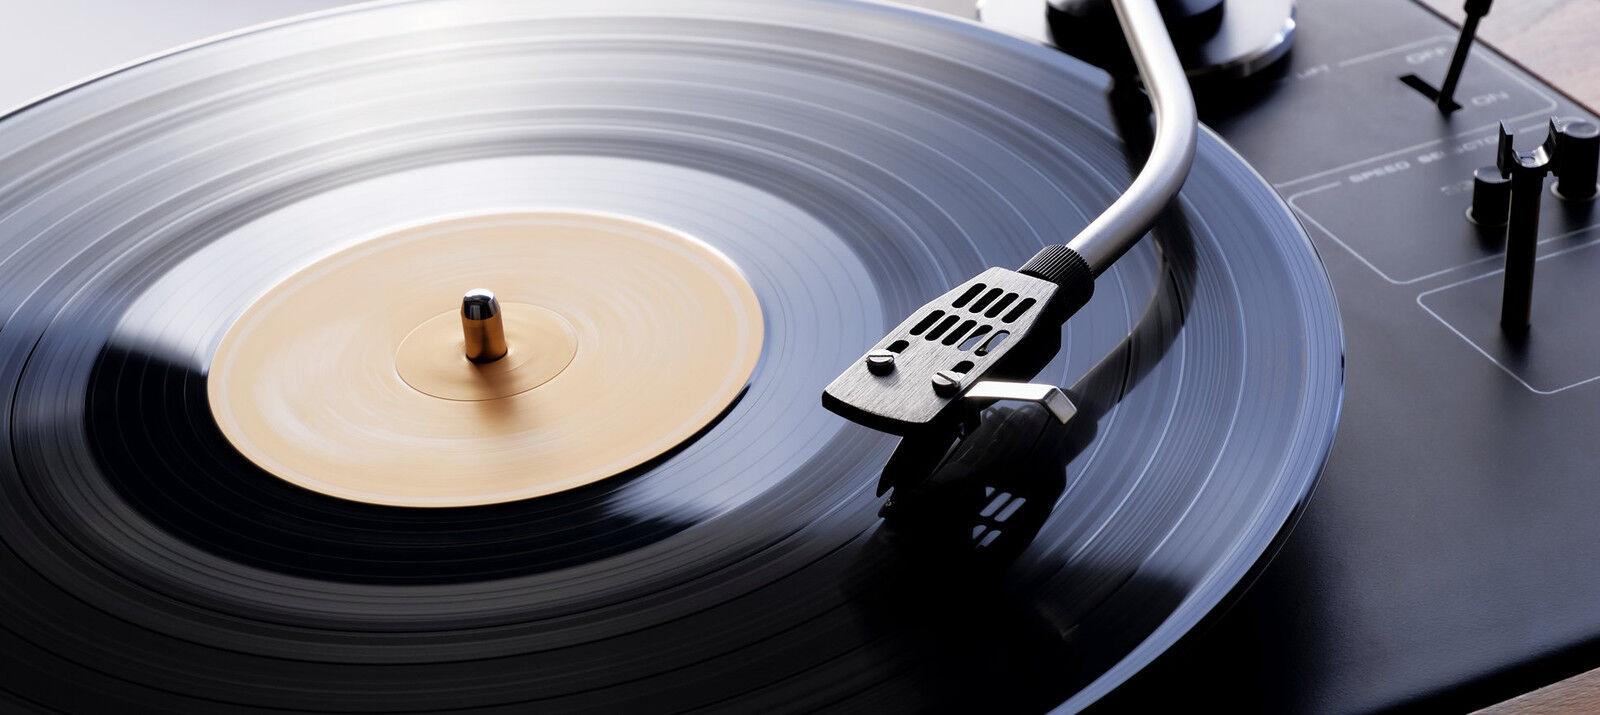 Music Hound LBK